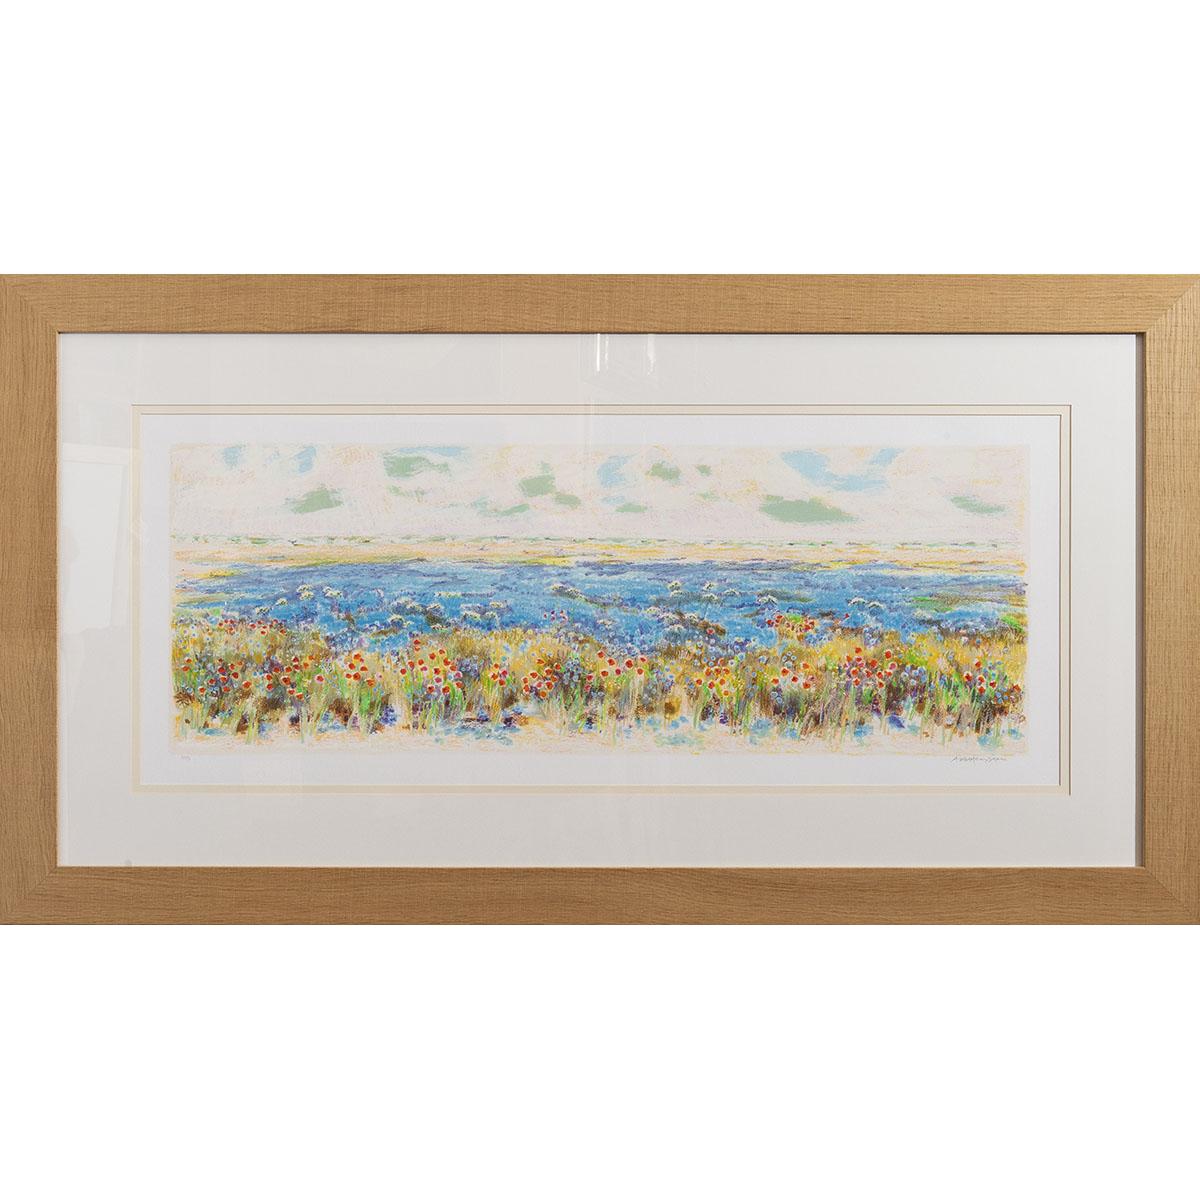 Natale-Addamiano-Campo-di-lino-Serigrafia-83x153cm